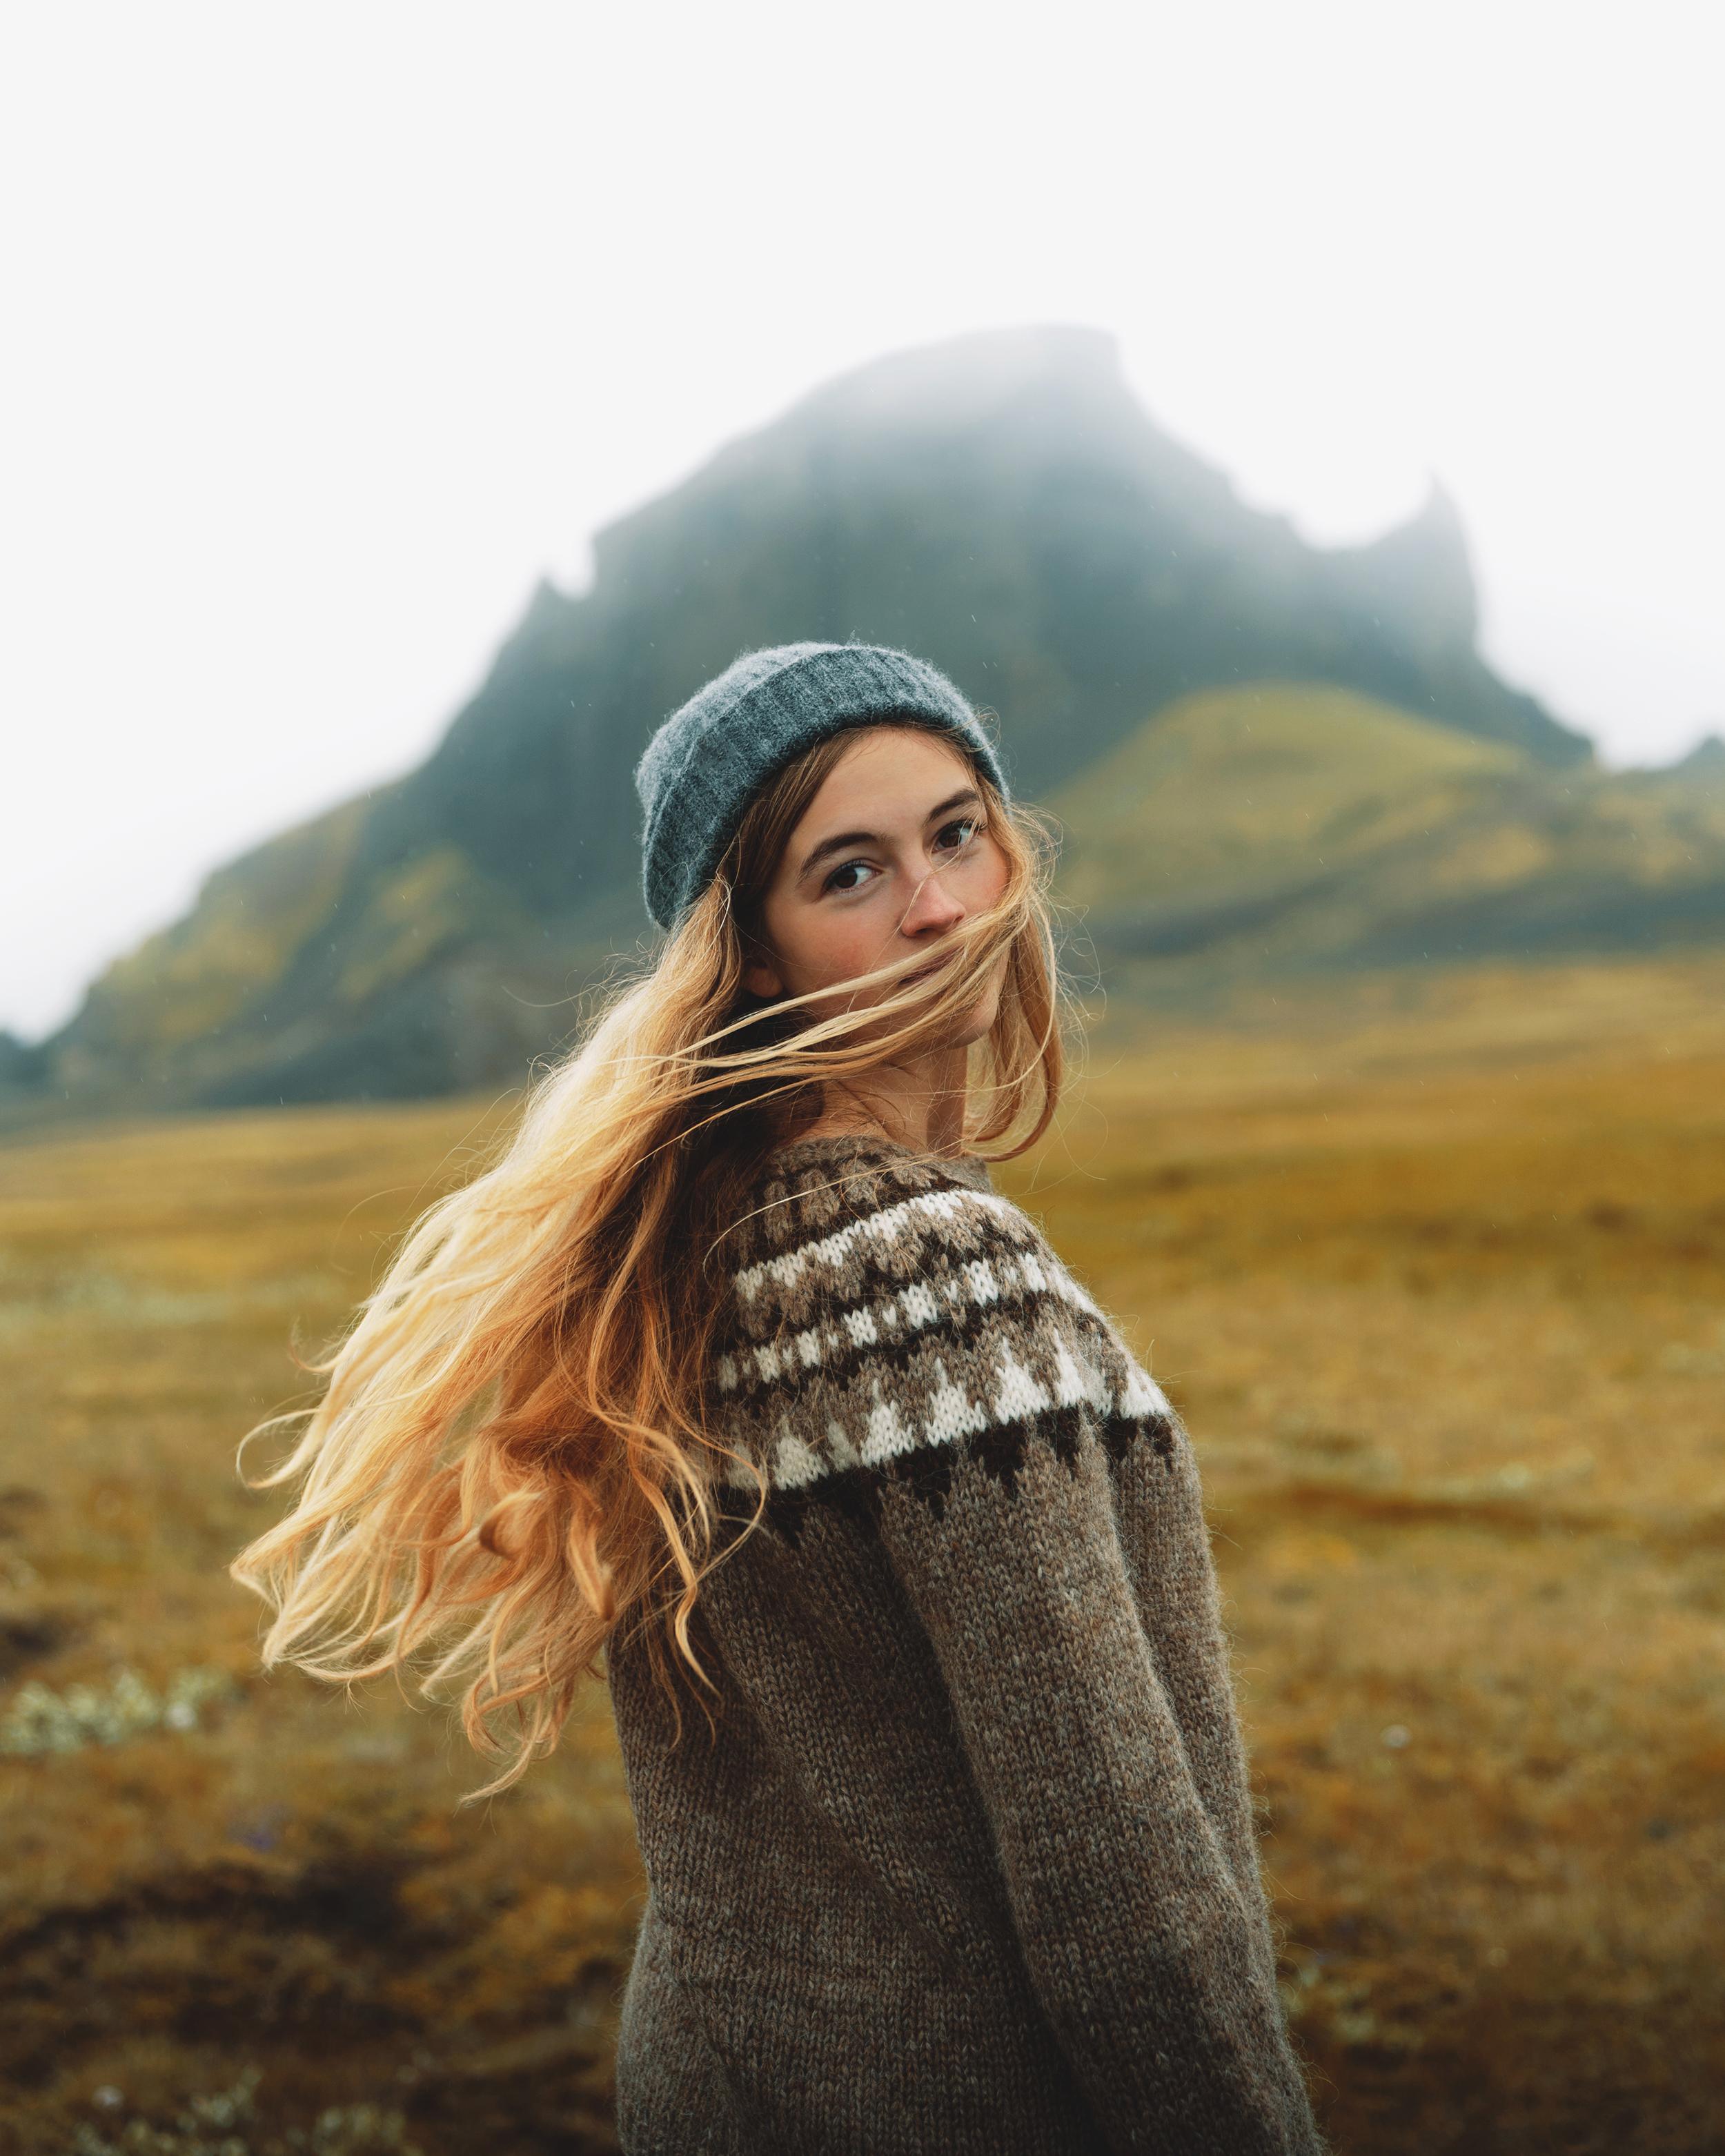 charlotte-little-wolf-Iceland-model.jpg